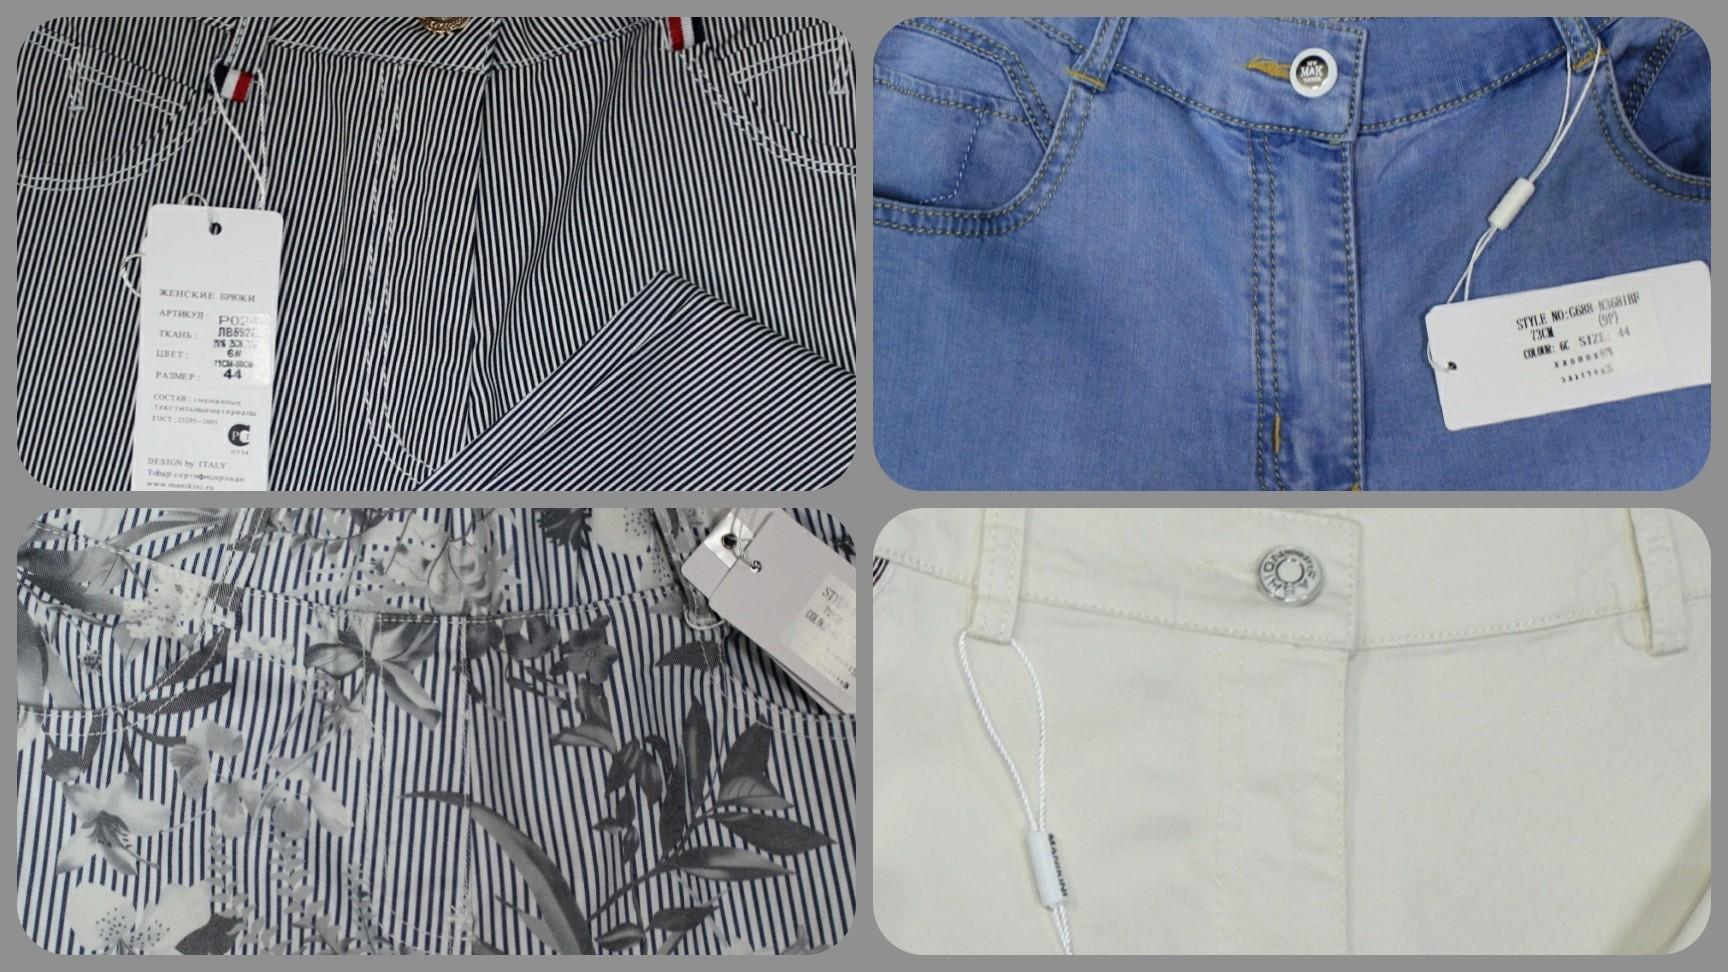 женские брюки поступление 22.06.2020